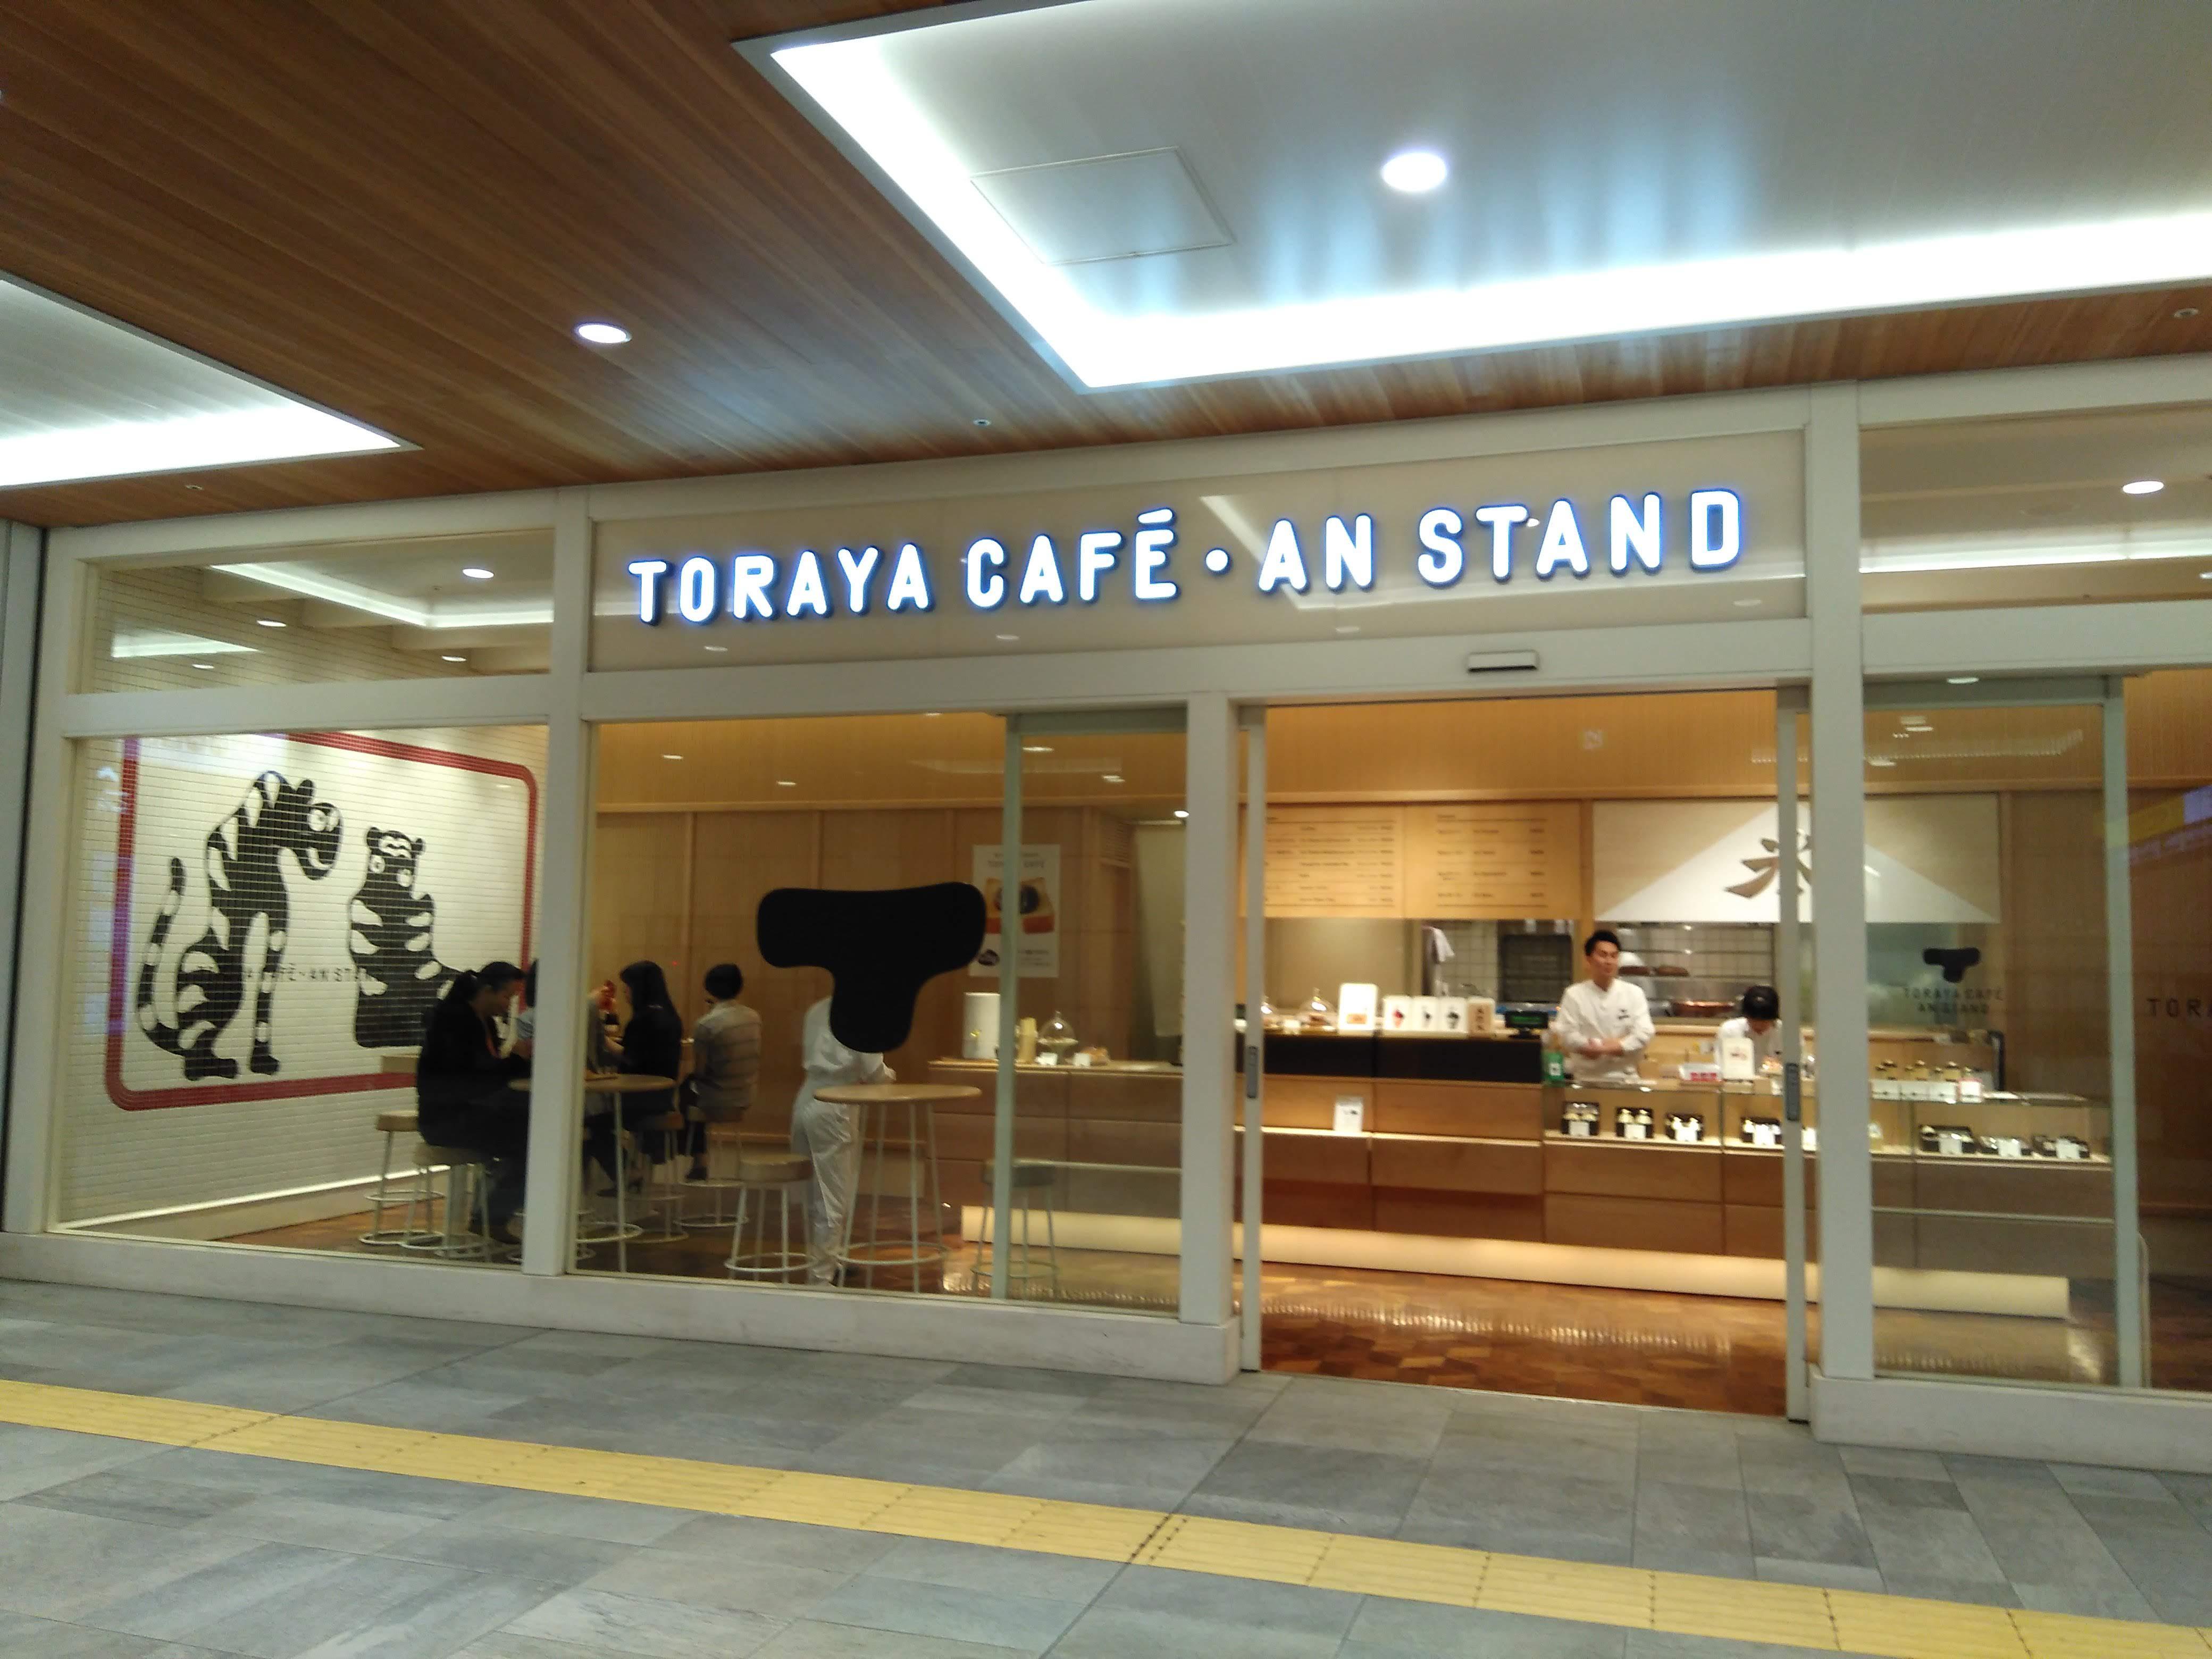 新宿のTORAYA CAFE ・AN STAND